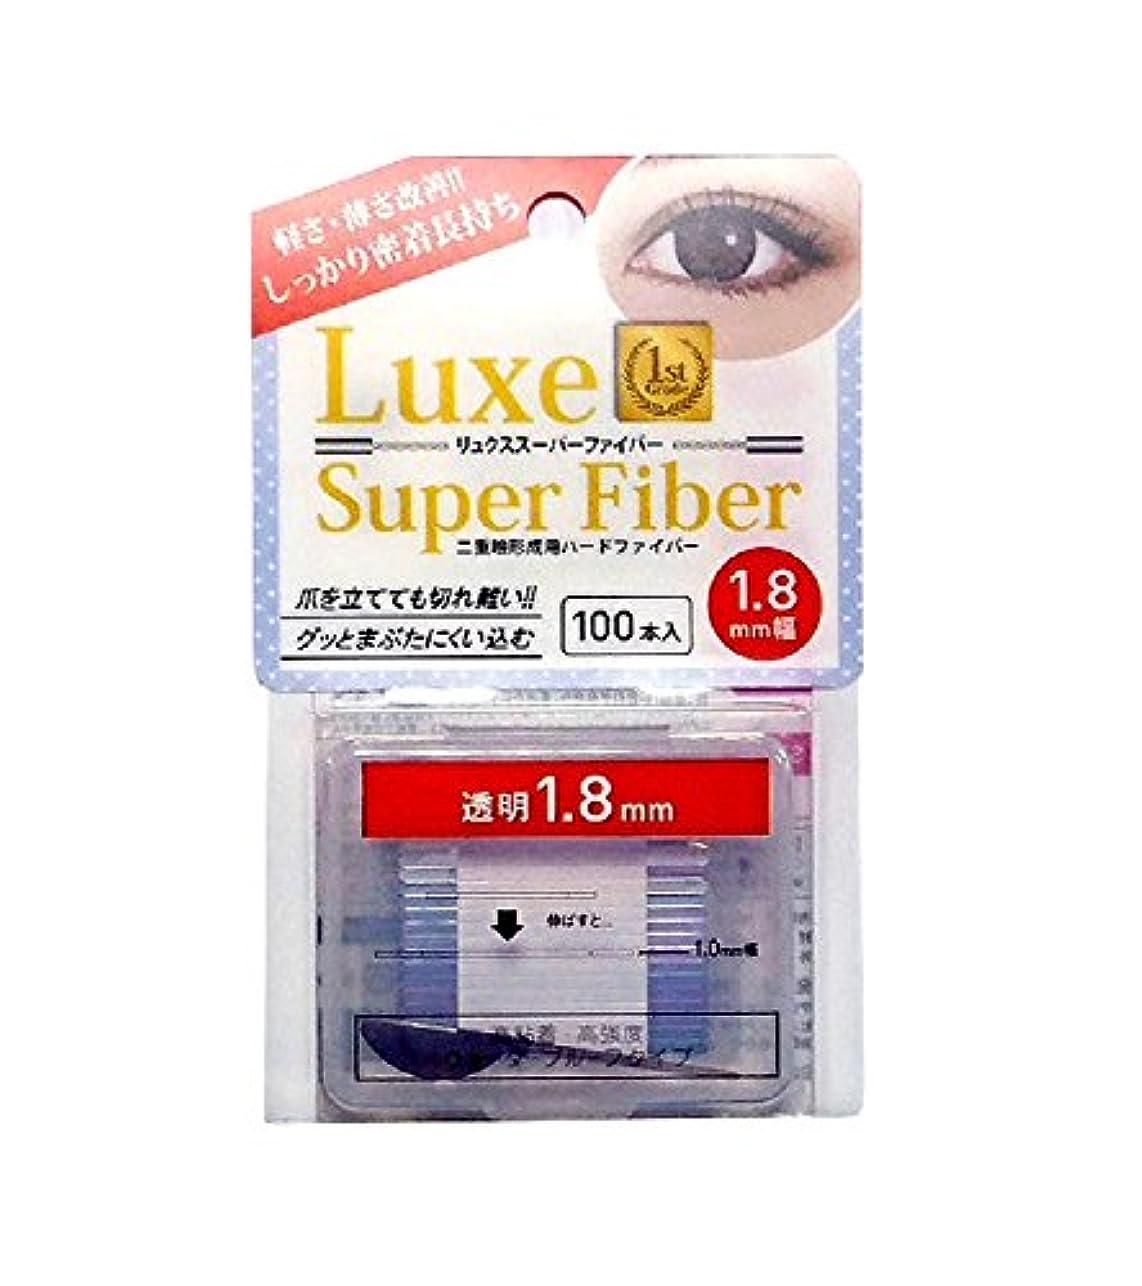 粘り強いマンモス手数料Luxe(リュクス) スーパーファイバーII 透明 クリア 1.8mm 100本入り